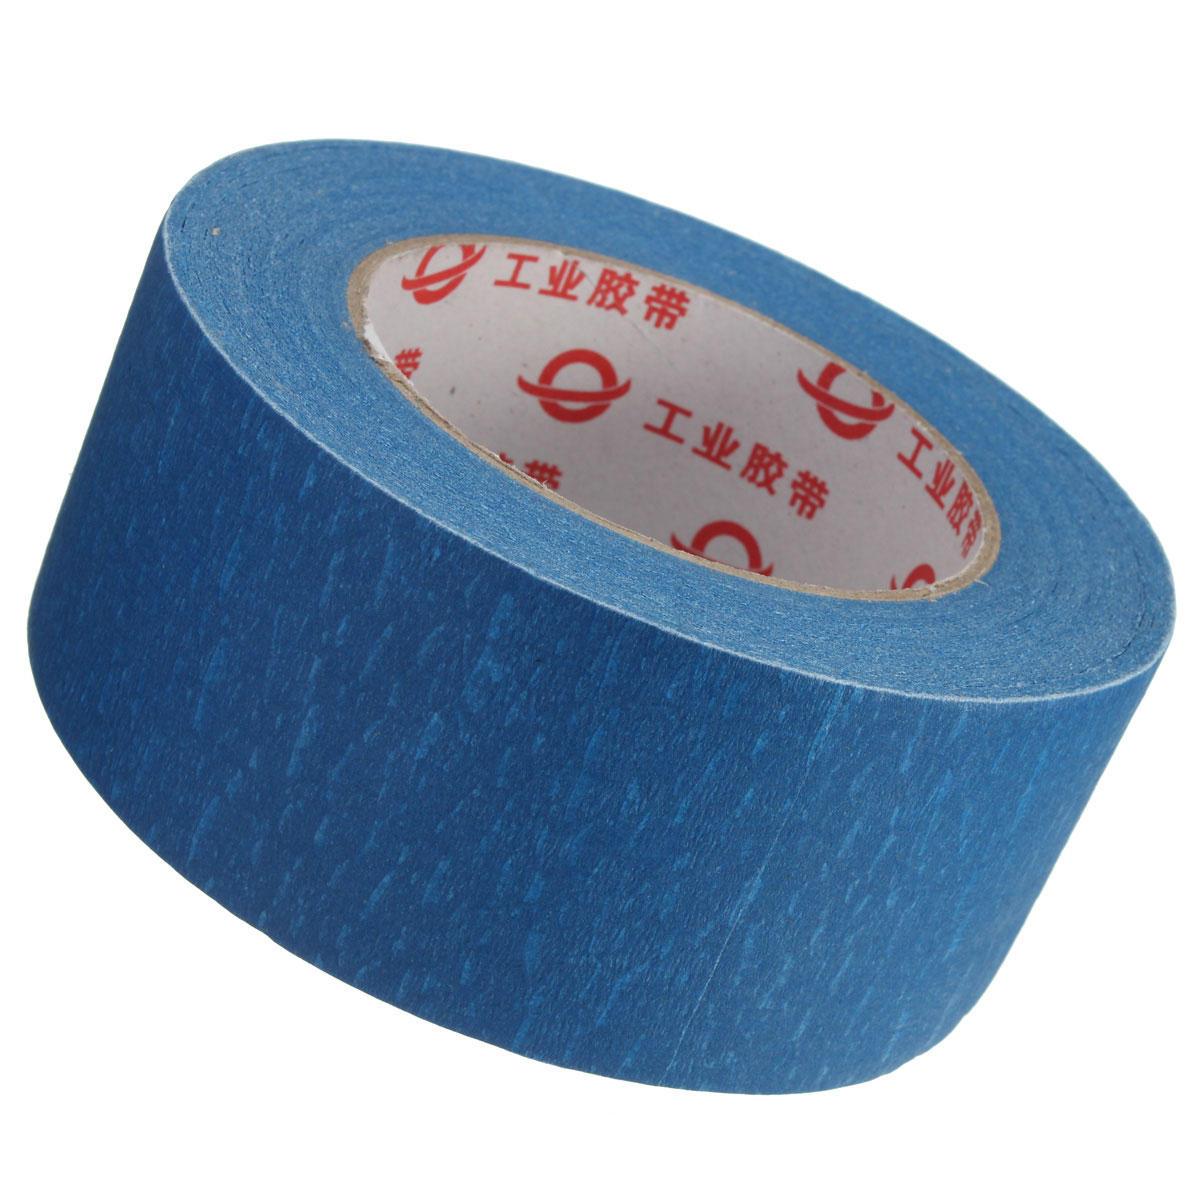 50mmx50m Largeur de 50mm Imprimante 3D Blanche Bande Bleue Bande de Lit de Rechange Bande de Masquage pour les Pièces d'Imprimante 3D